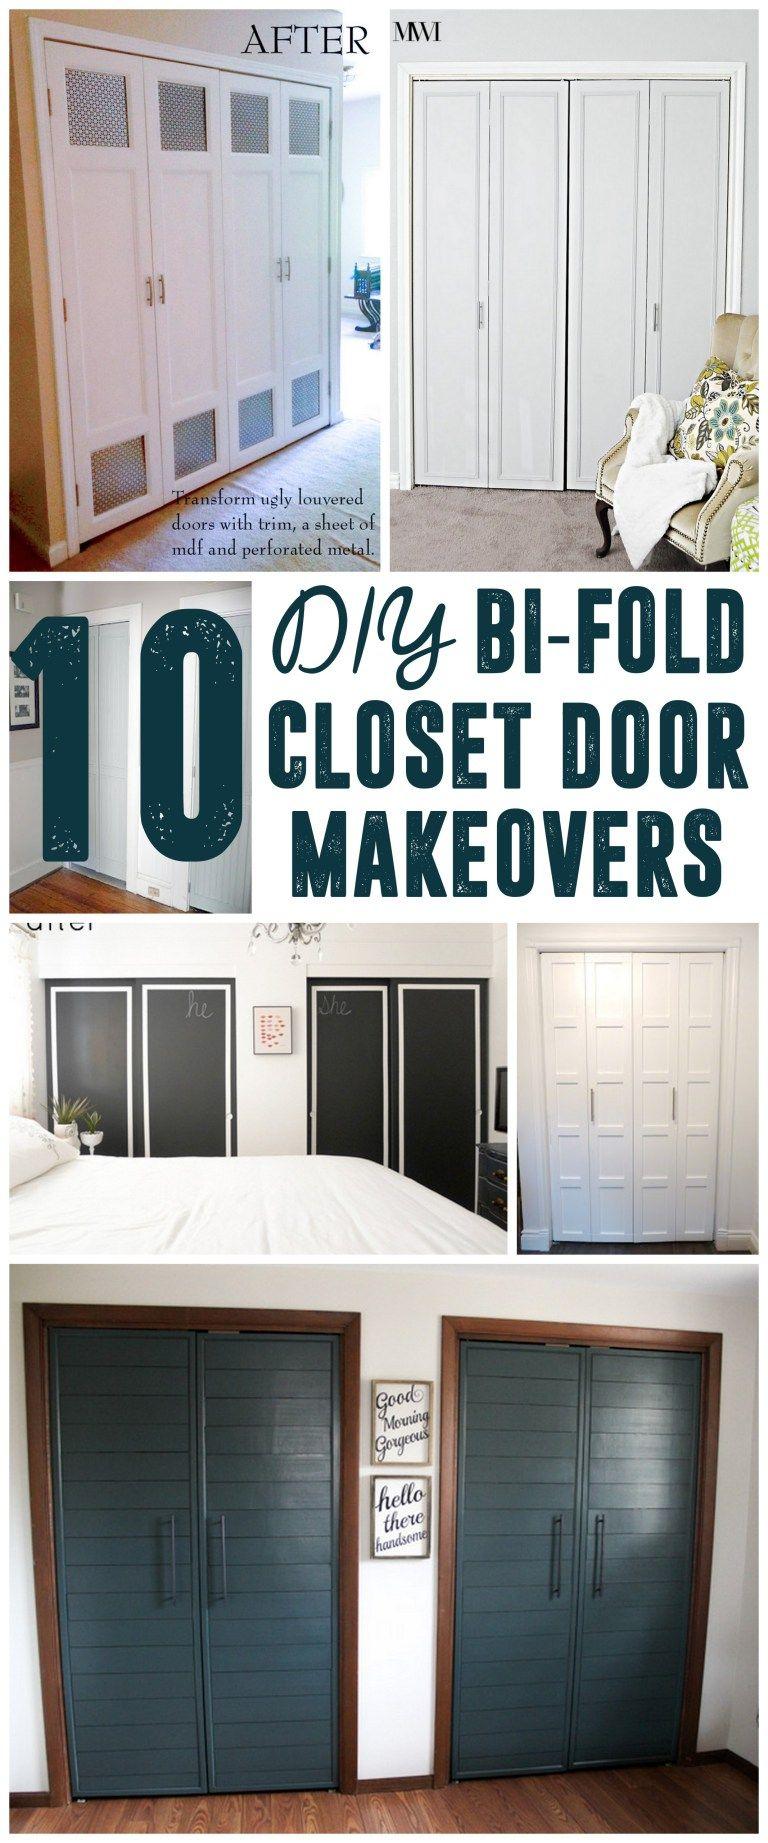 Diy Bi Fold Closet Door Makeovers Closet Doors Doors